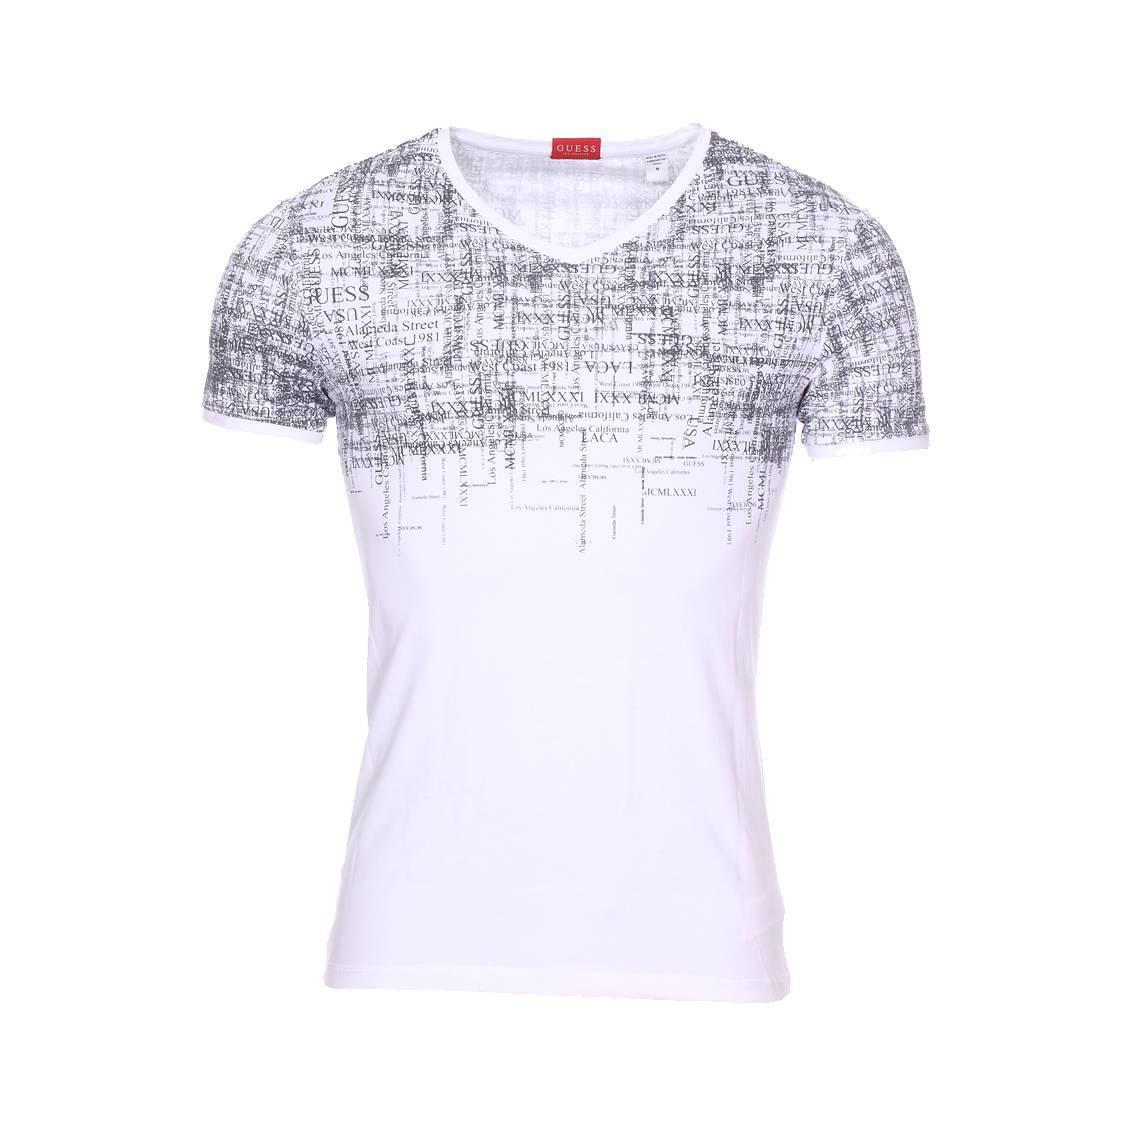 44bb18c36fa0 Tee-shirt col V Guess en coton stretch blanc floqué ...